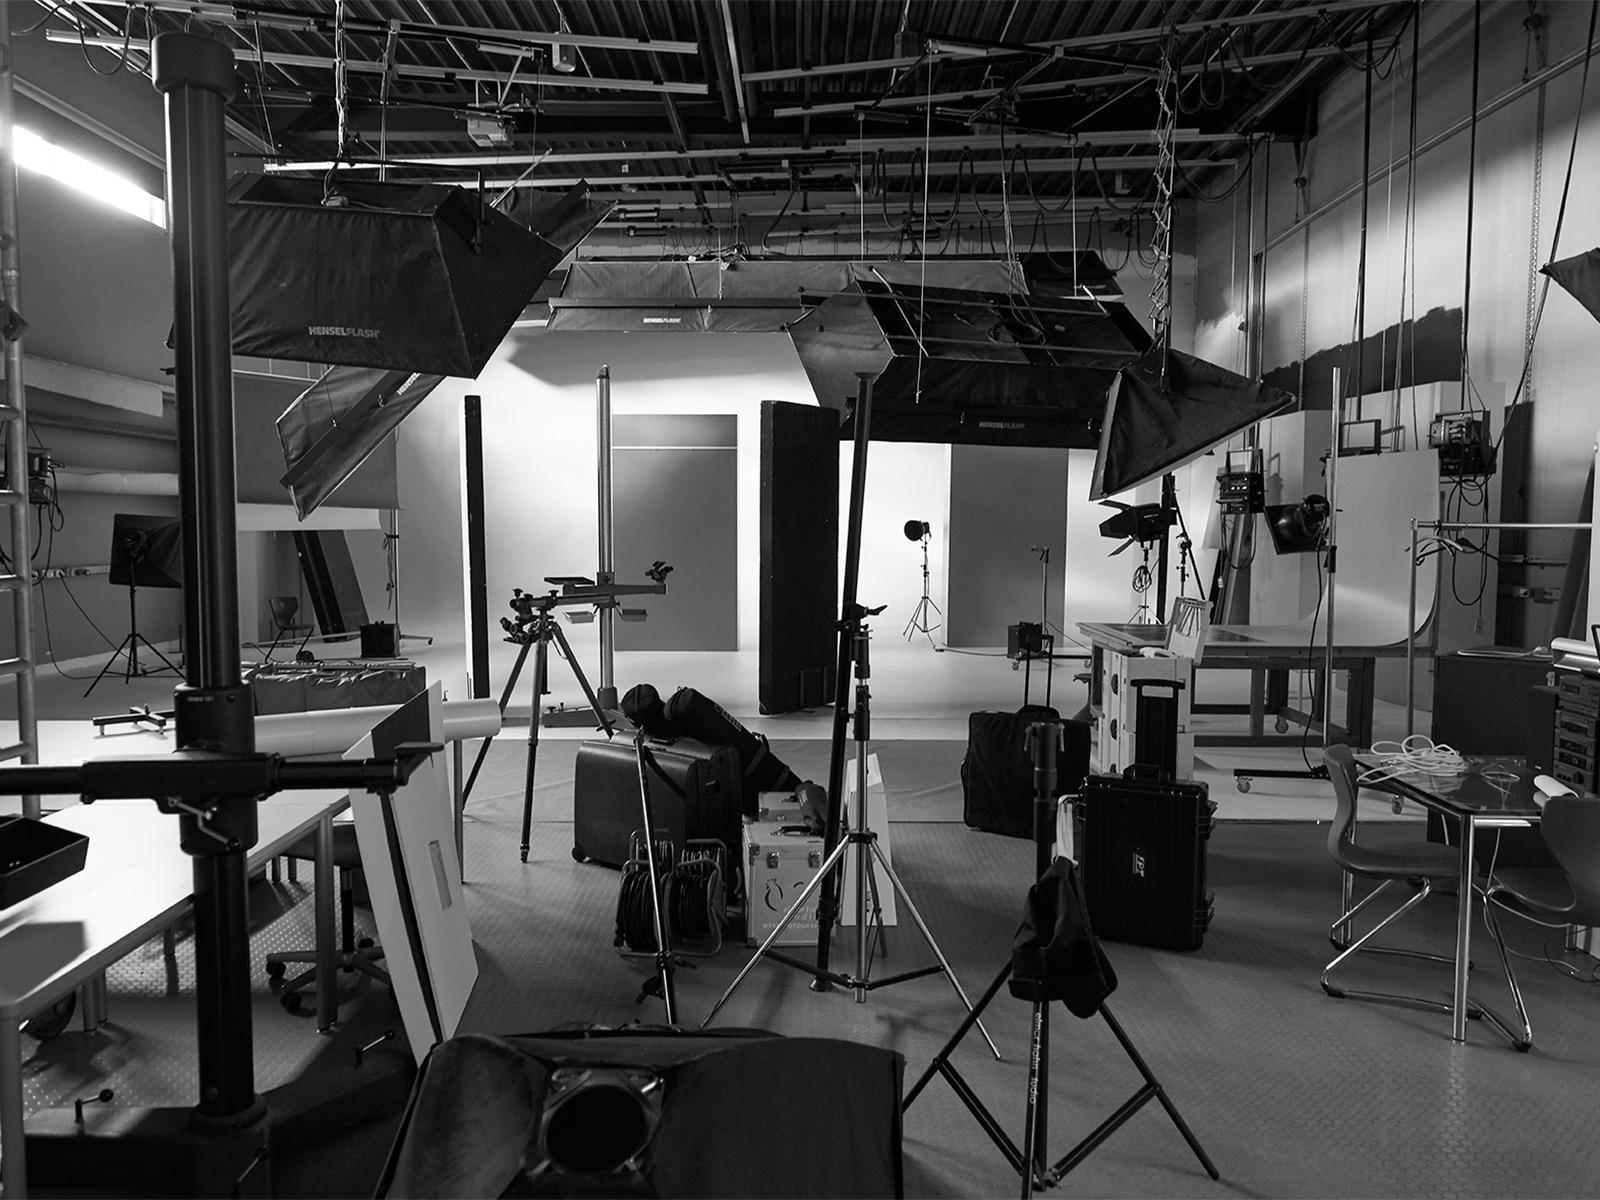 fotostudio inhouse werbefotografie